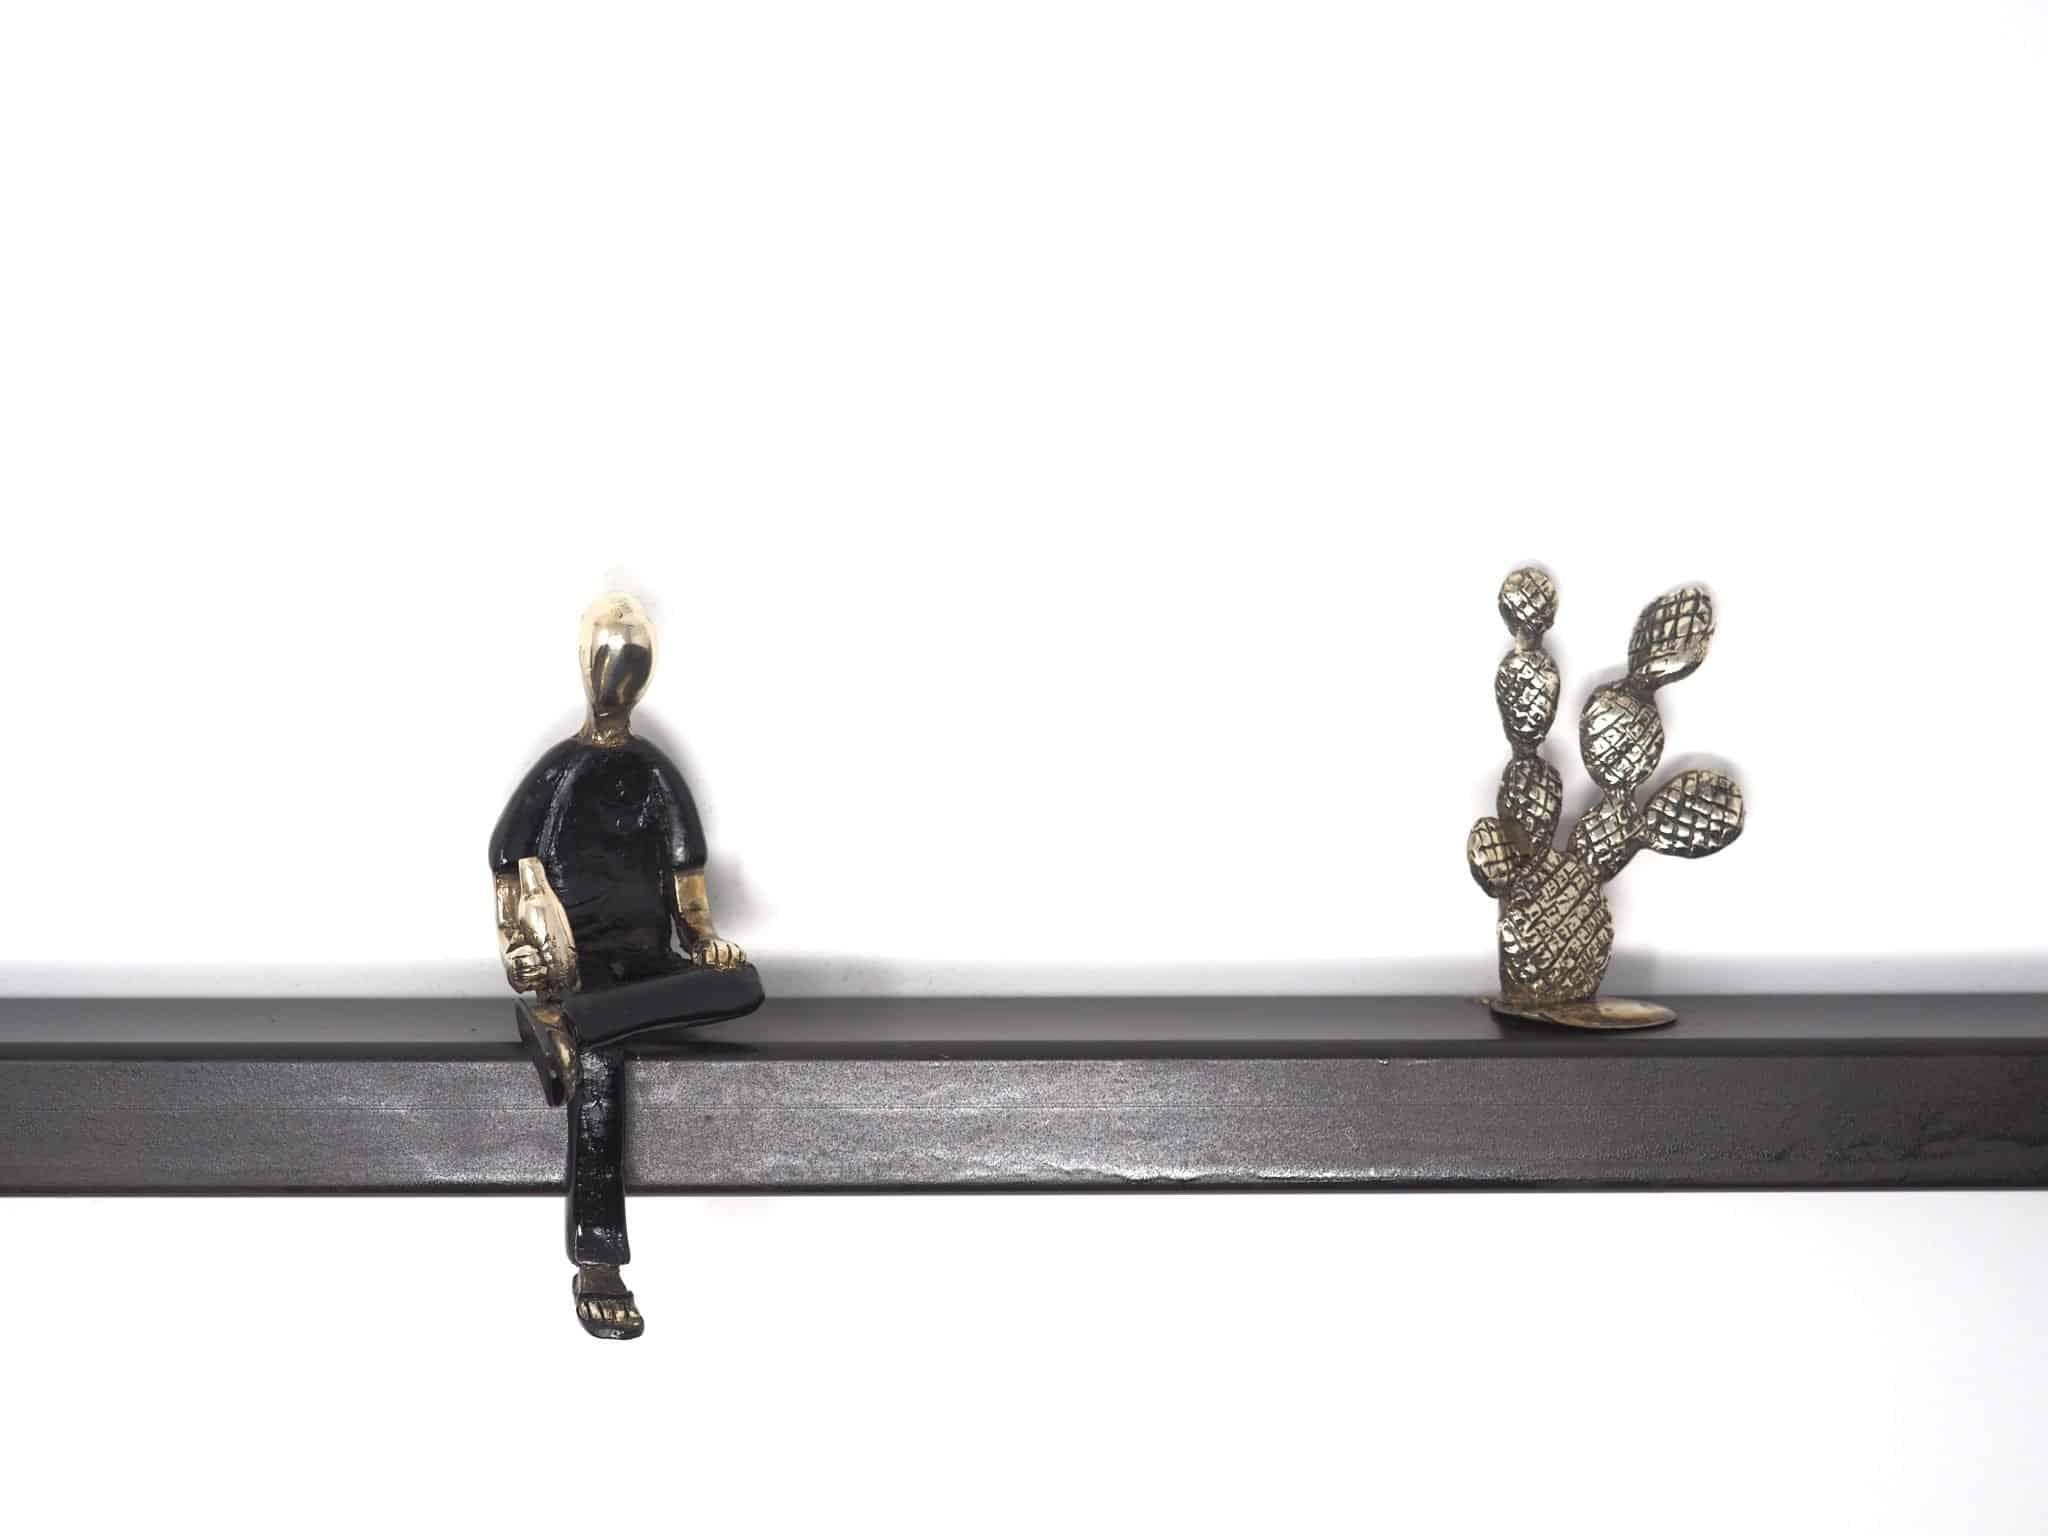 Untamed sculpture Mireia Serra